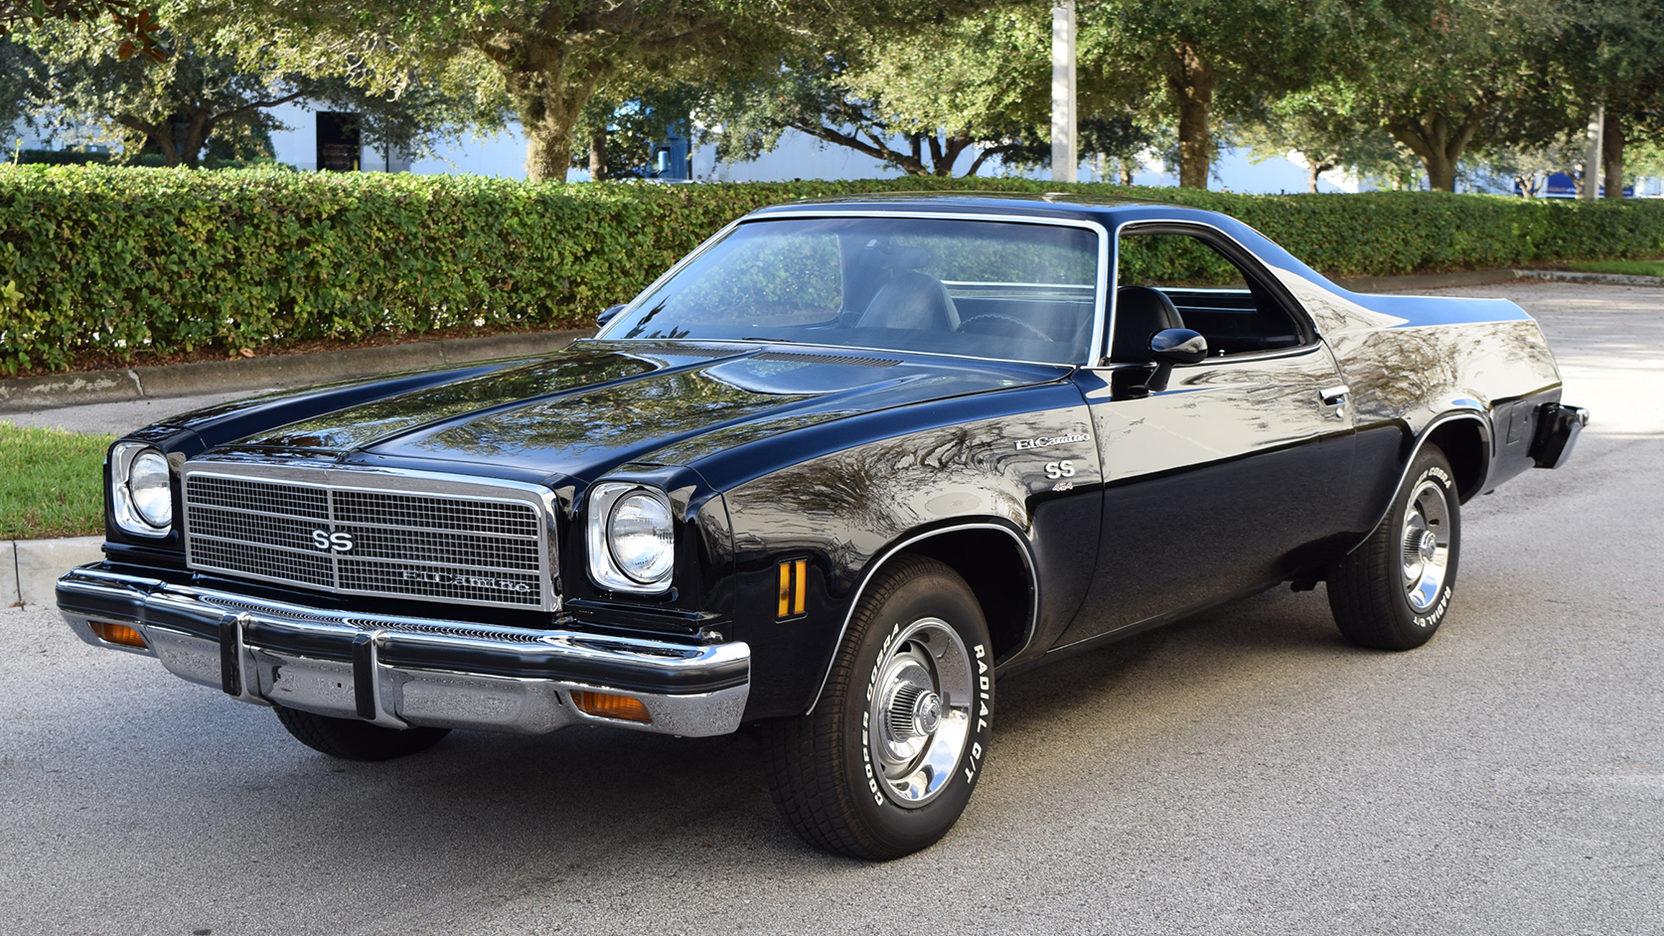 1974 Chevrolet El Camino Front 3/4